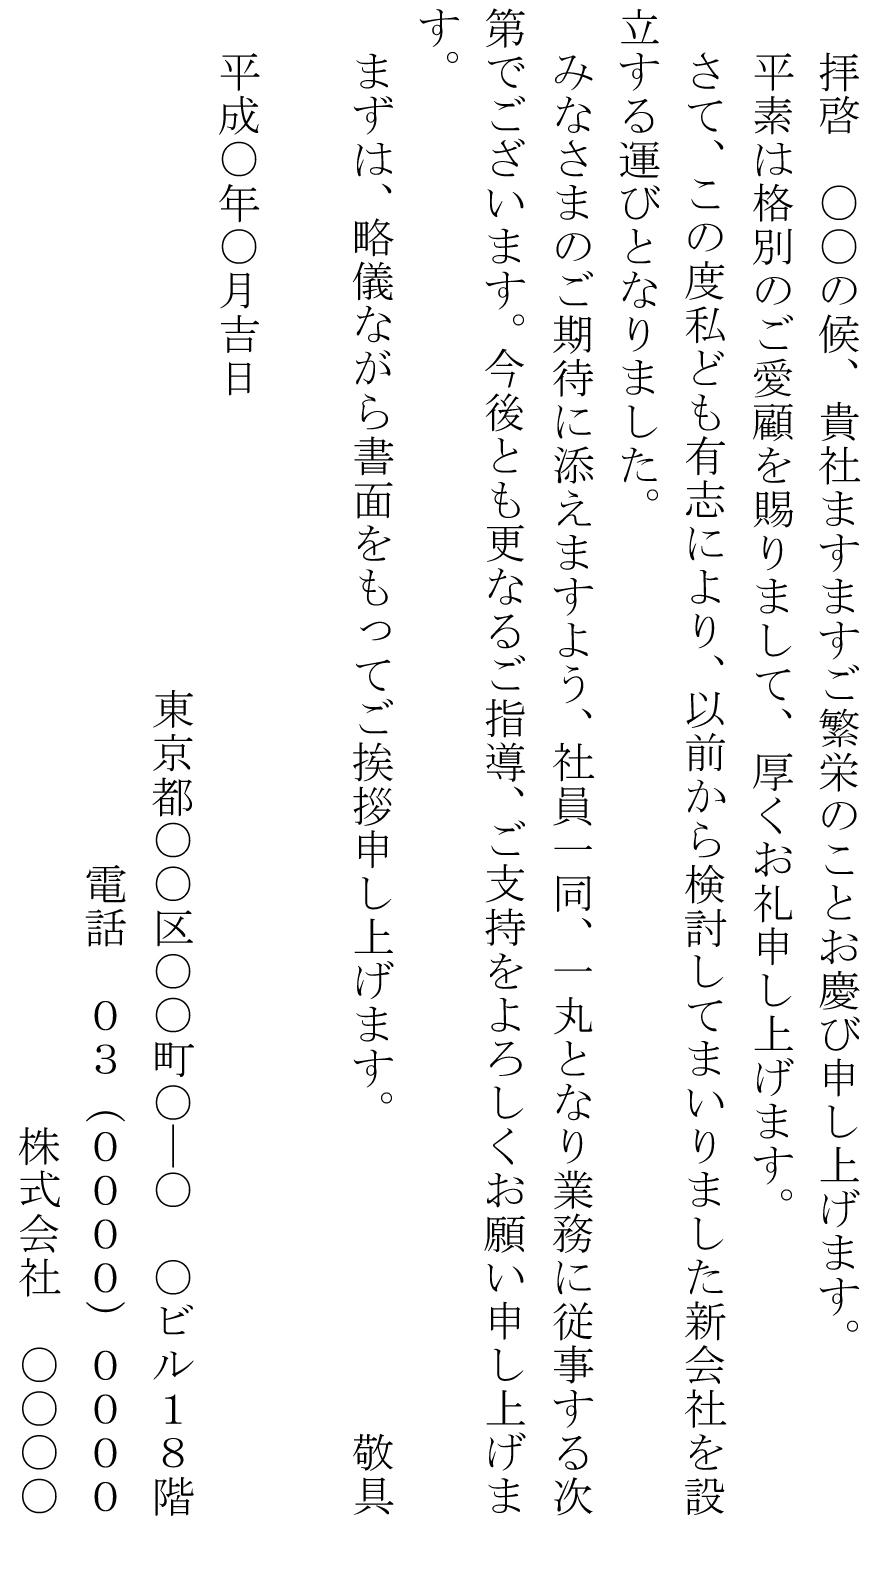 通知(新会社設立:ハガキ)